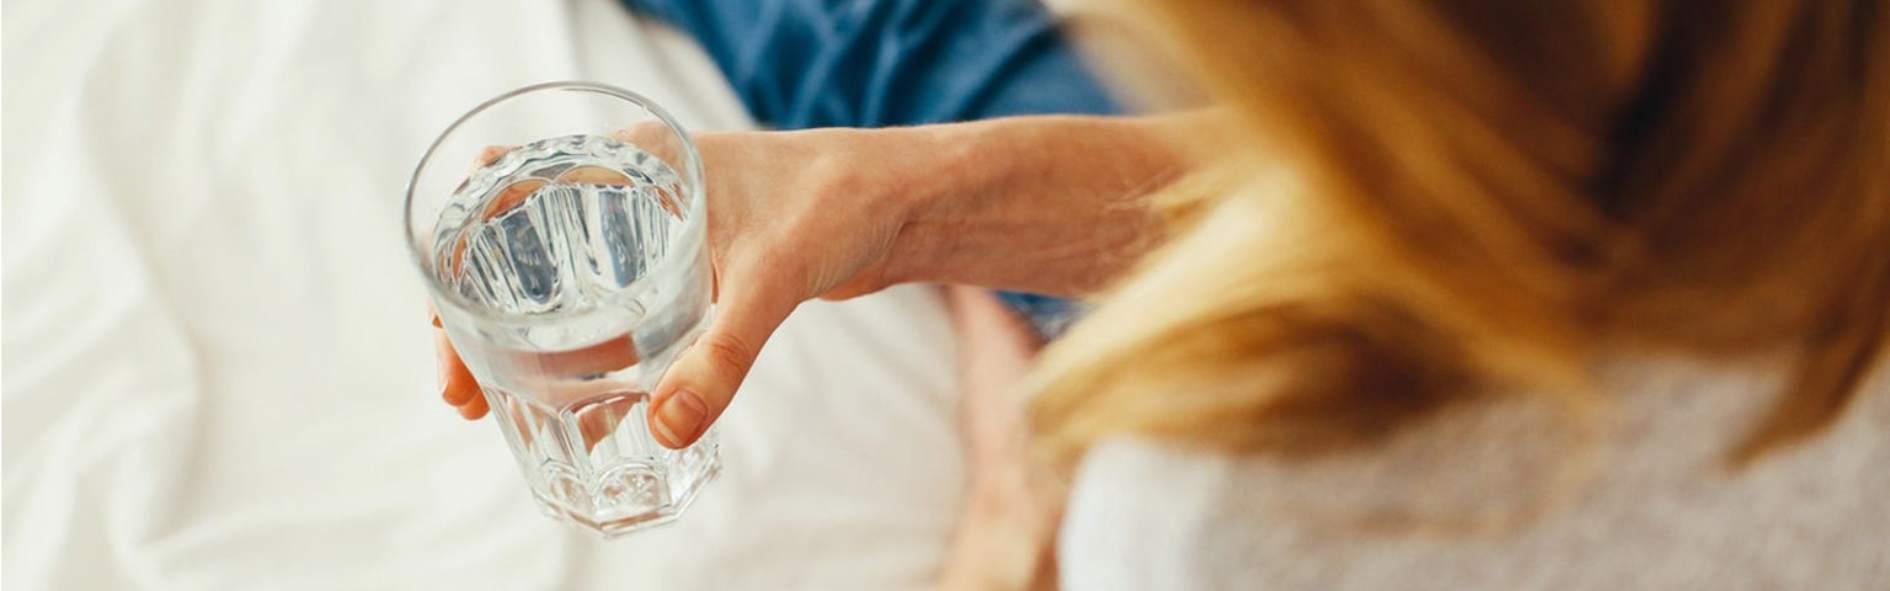 La potabilización del agua y su importancia para la salud humana